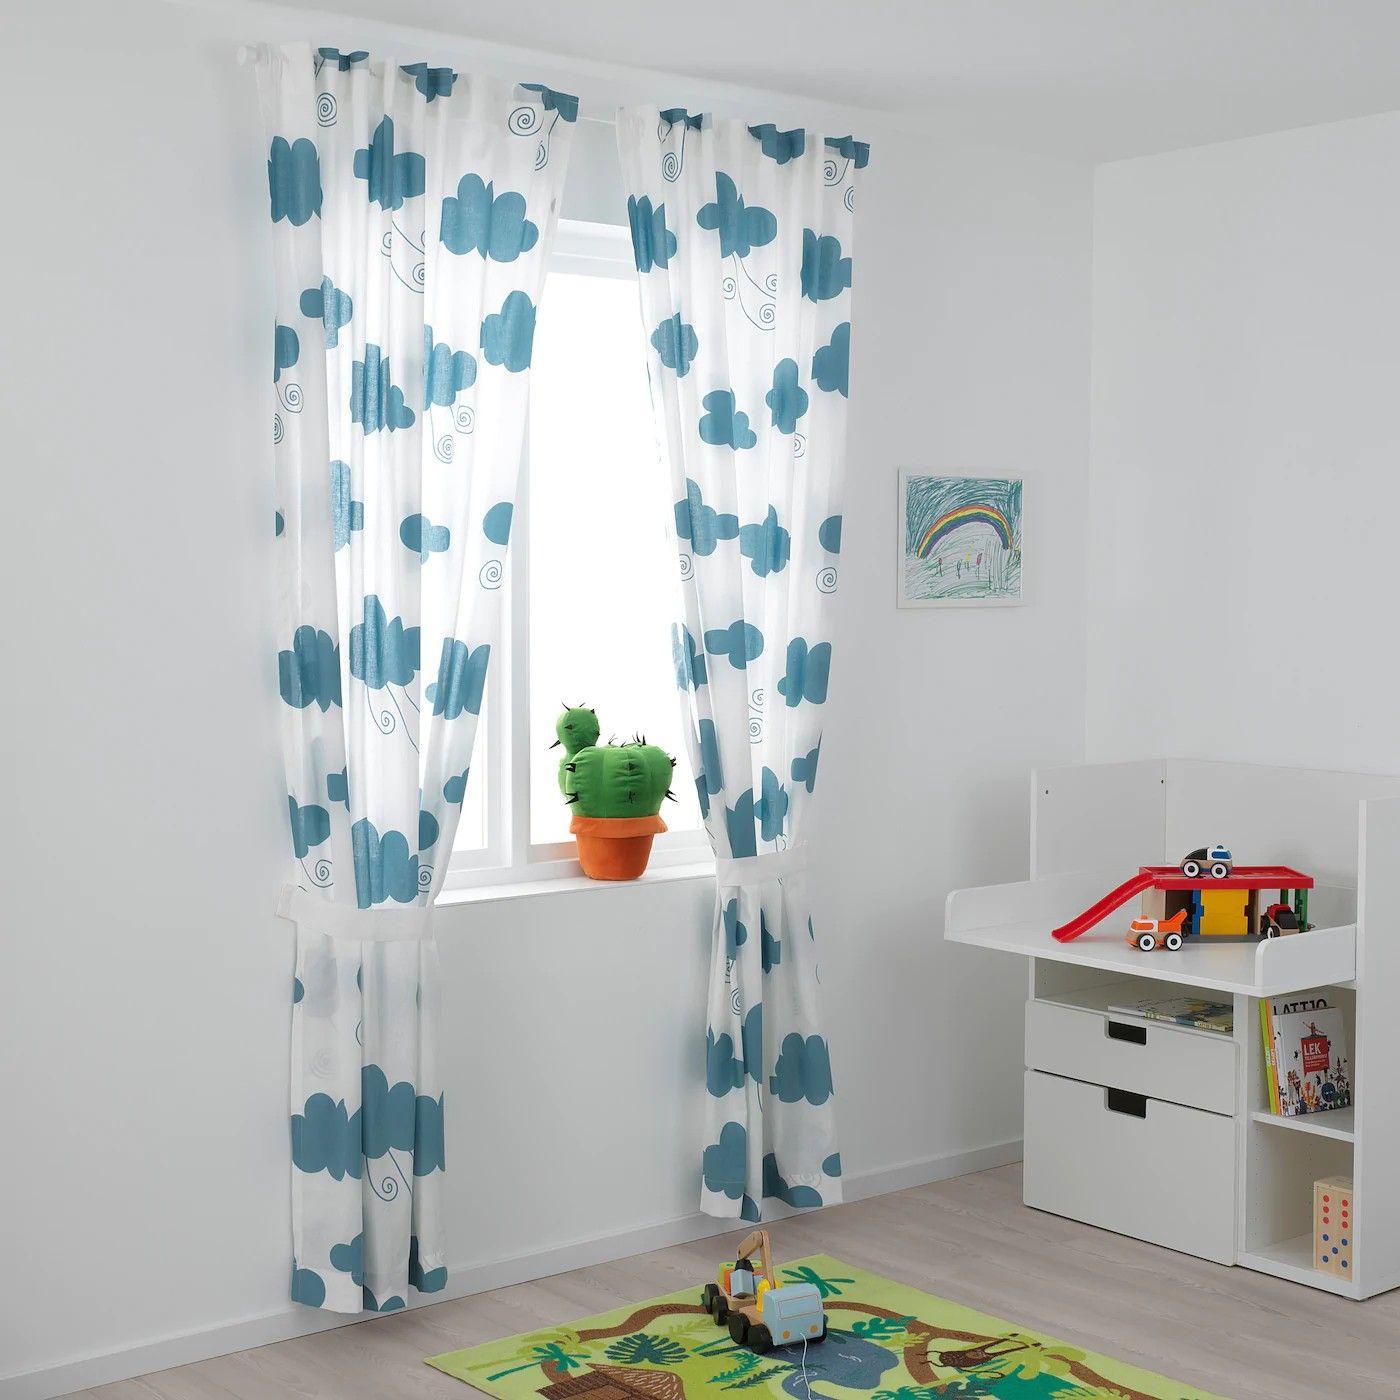 Pin Von Angela Siri Auf Decor In 2020 Ikea Curtains Gardinen Gardinen Kinderzimmer